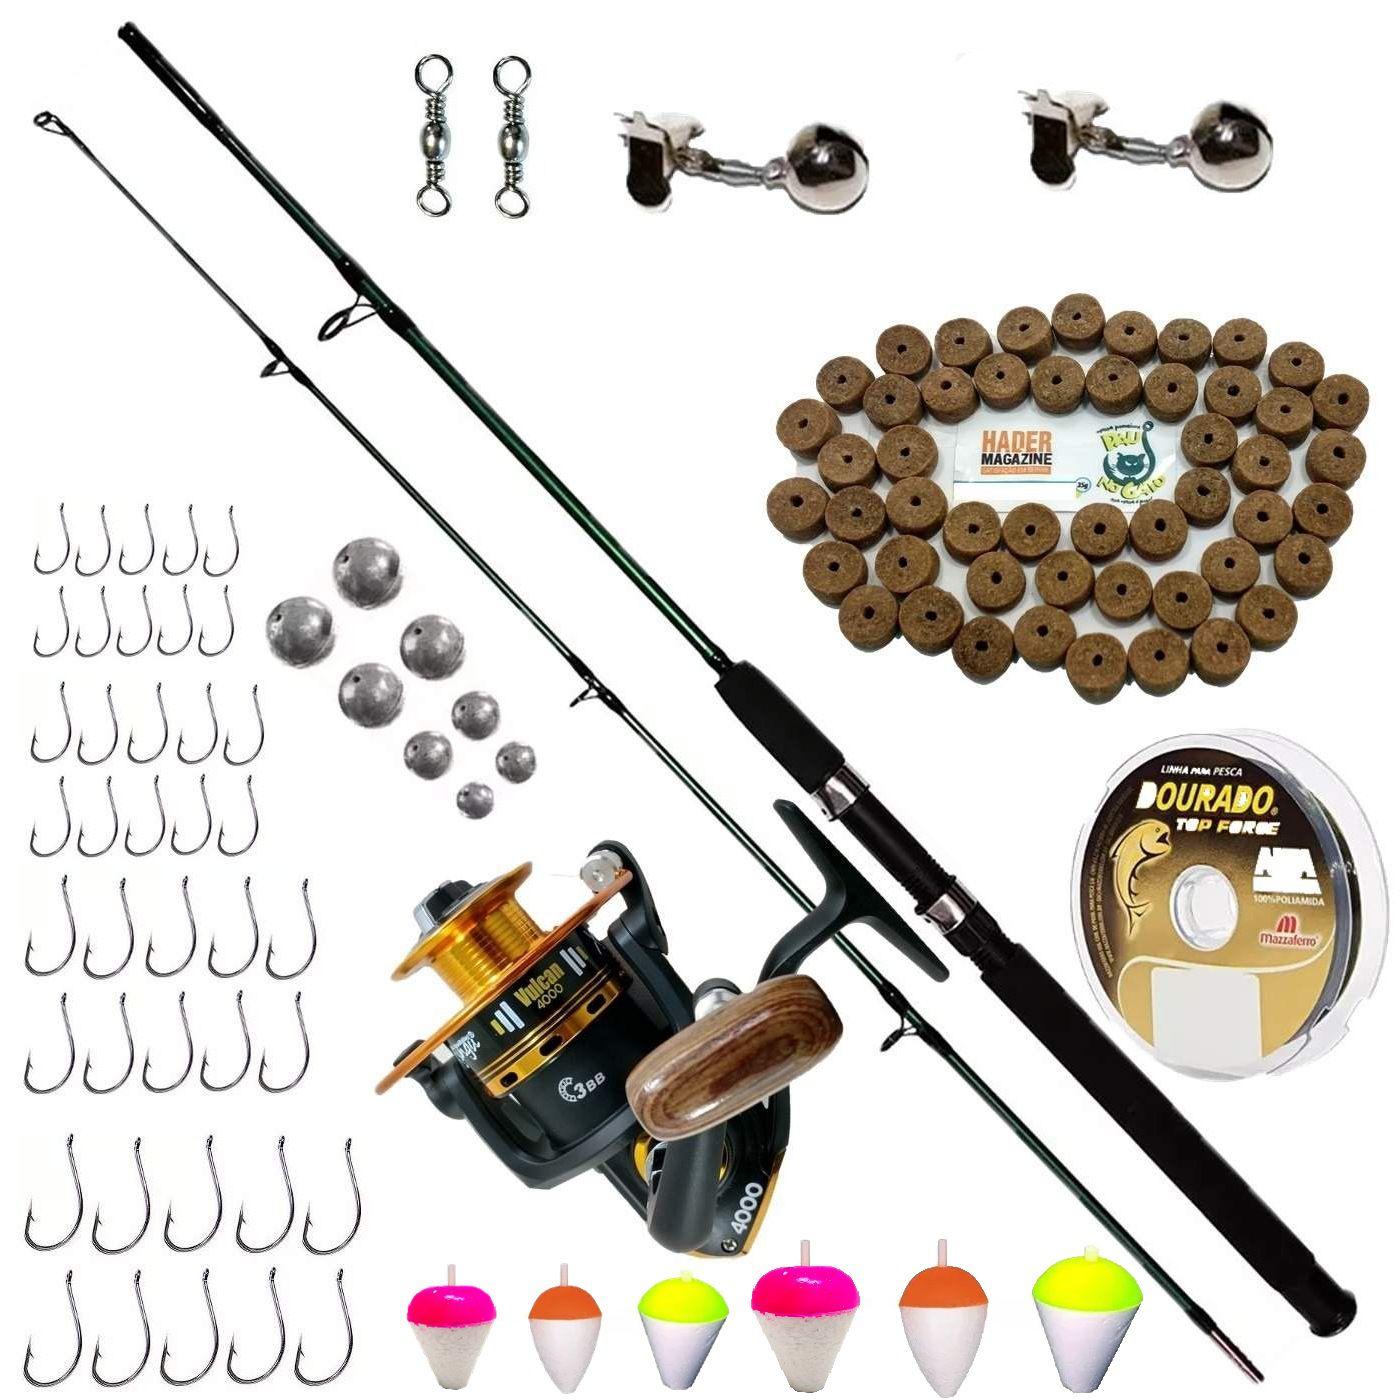 Kit De Pesca Completo Vara 1,70 Molinete 4000 E Acessórios